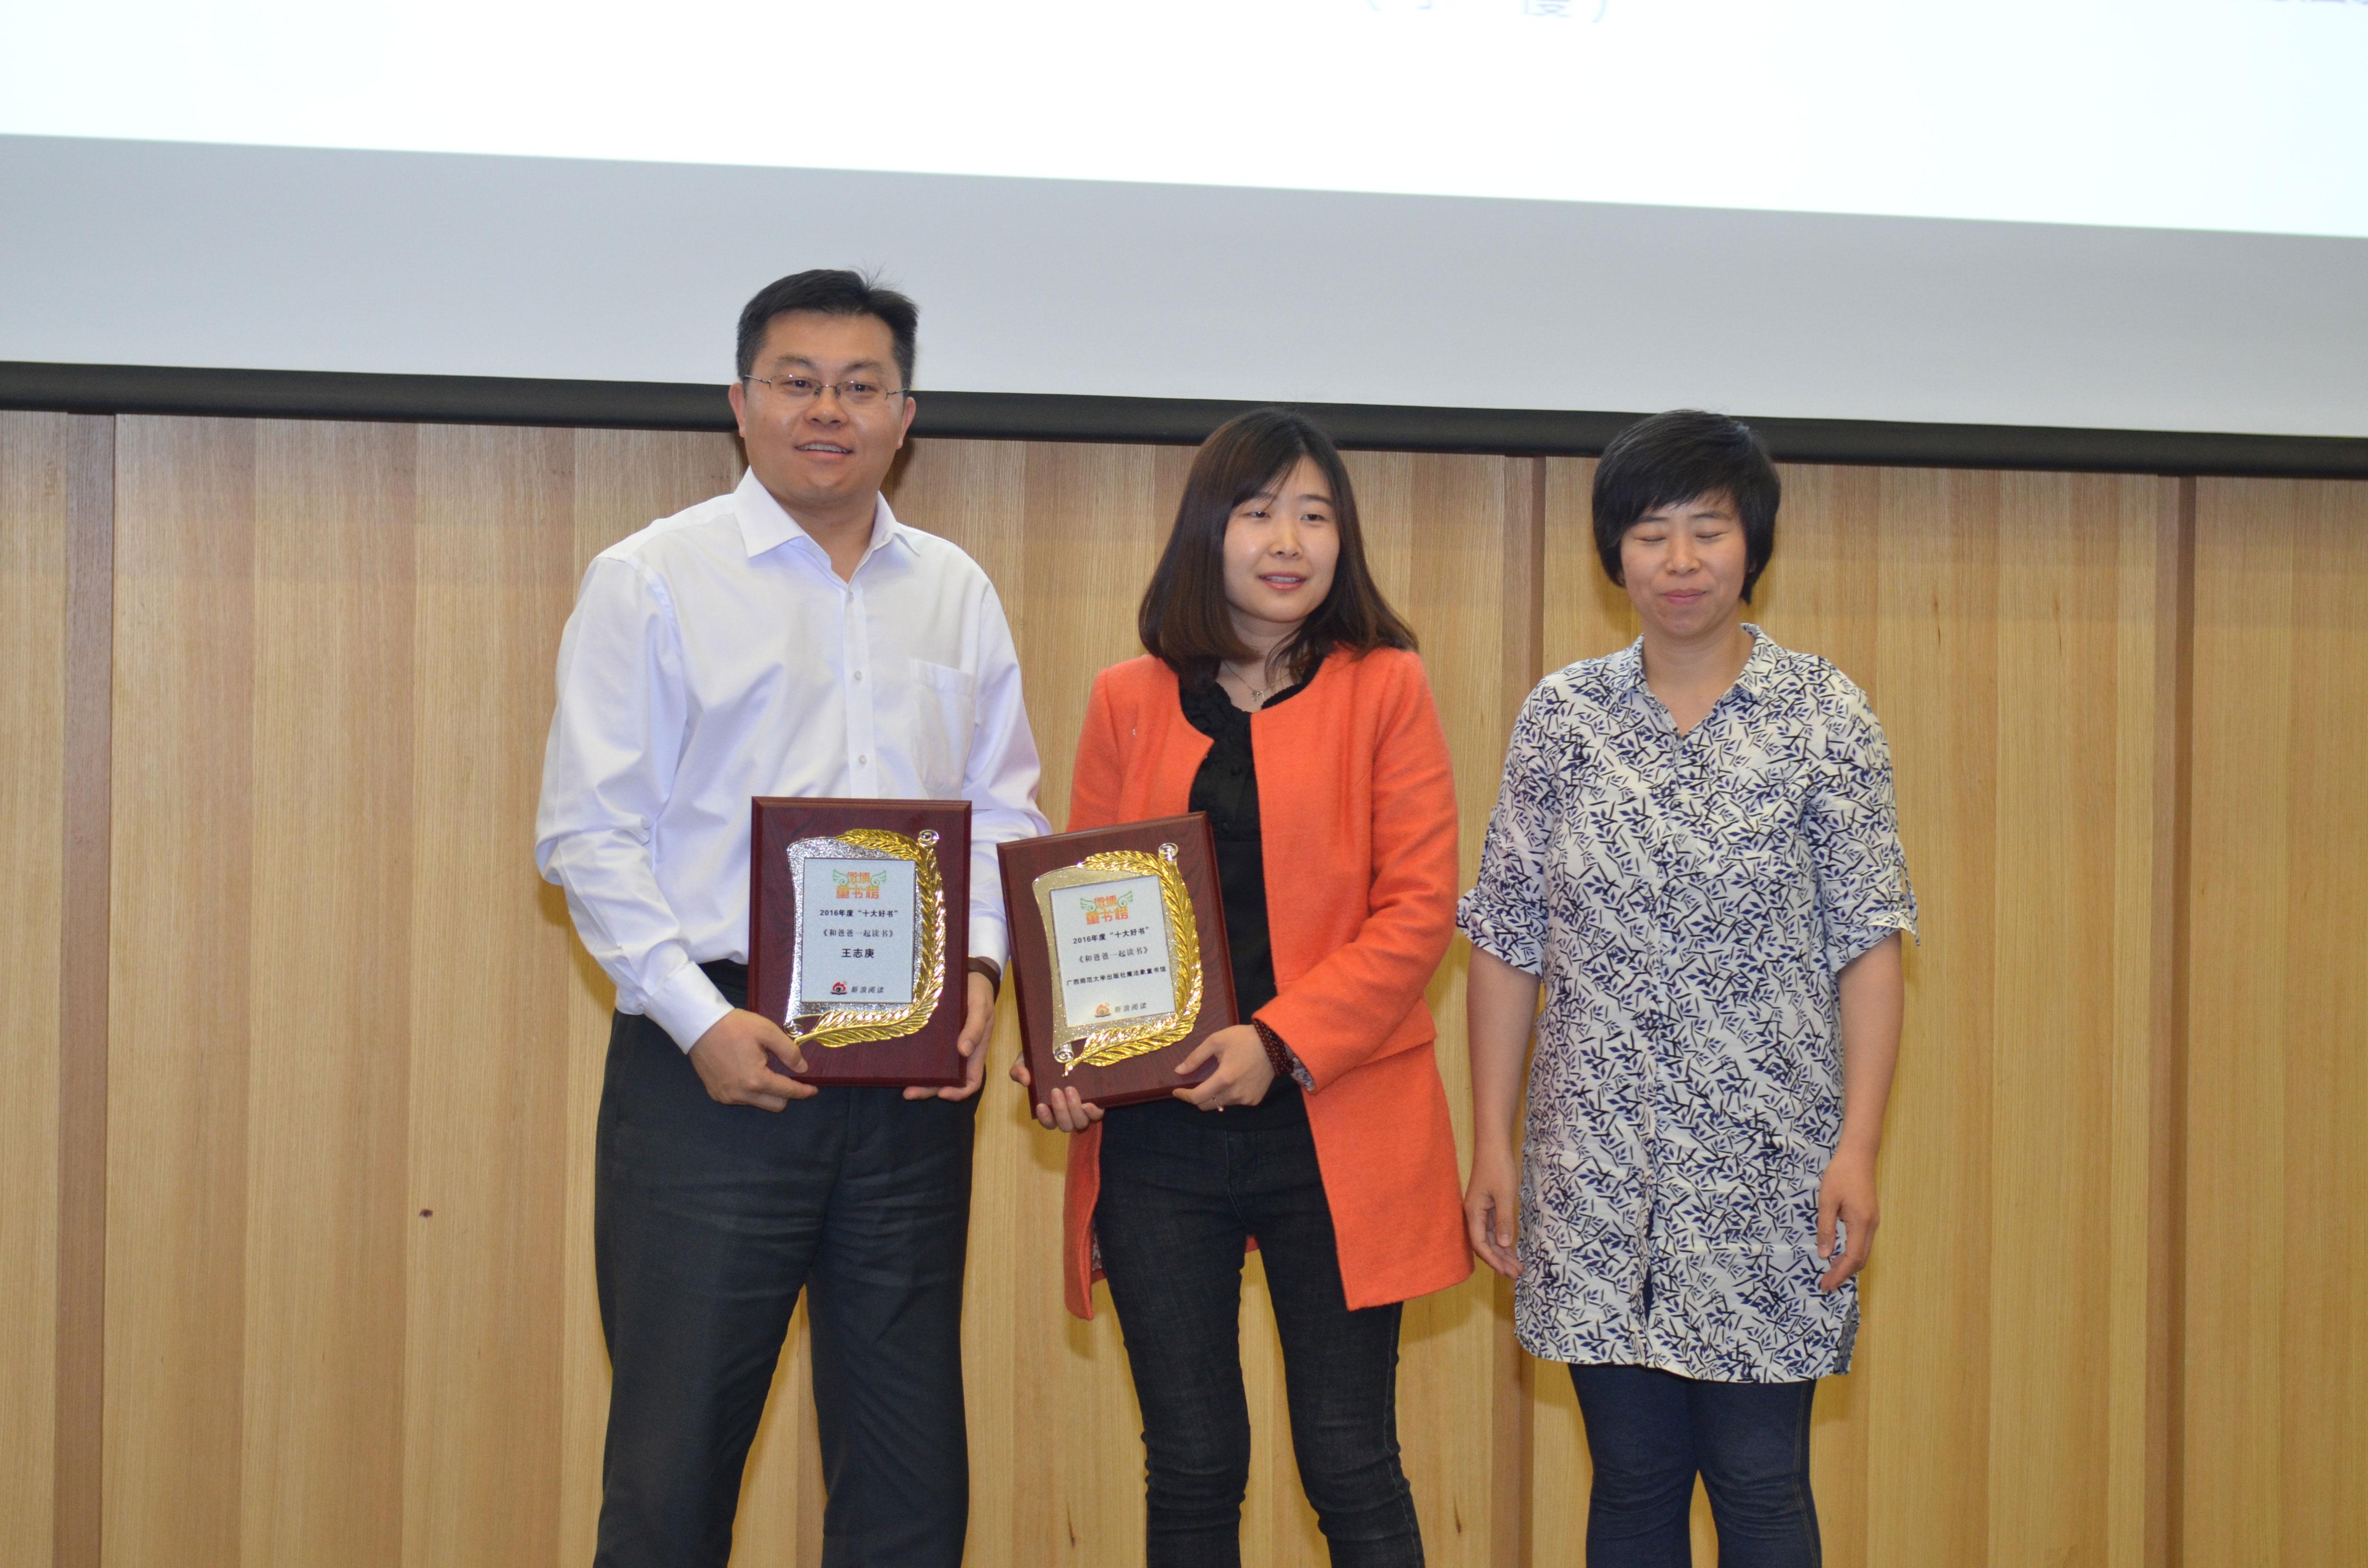 (左起:王志庚、广西师范大学出版社负责人、微博读书运营总监霍艾言)